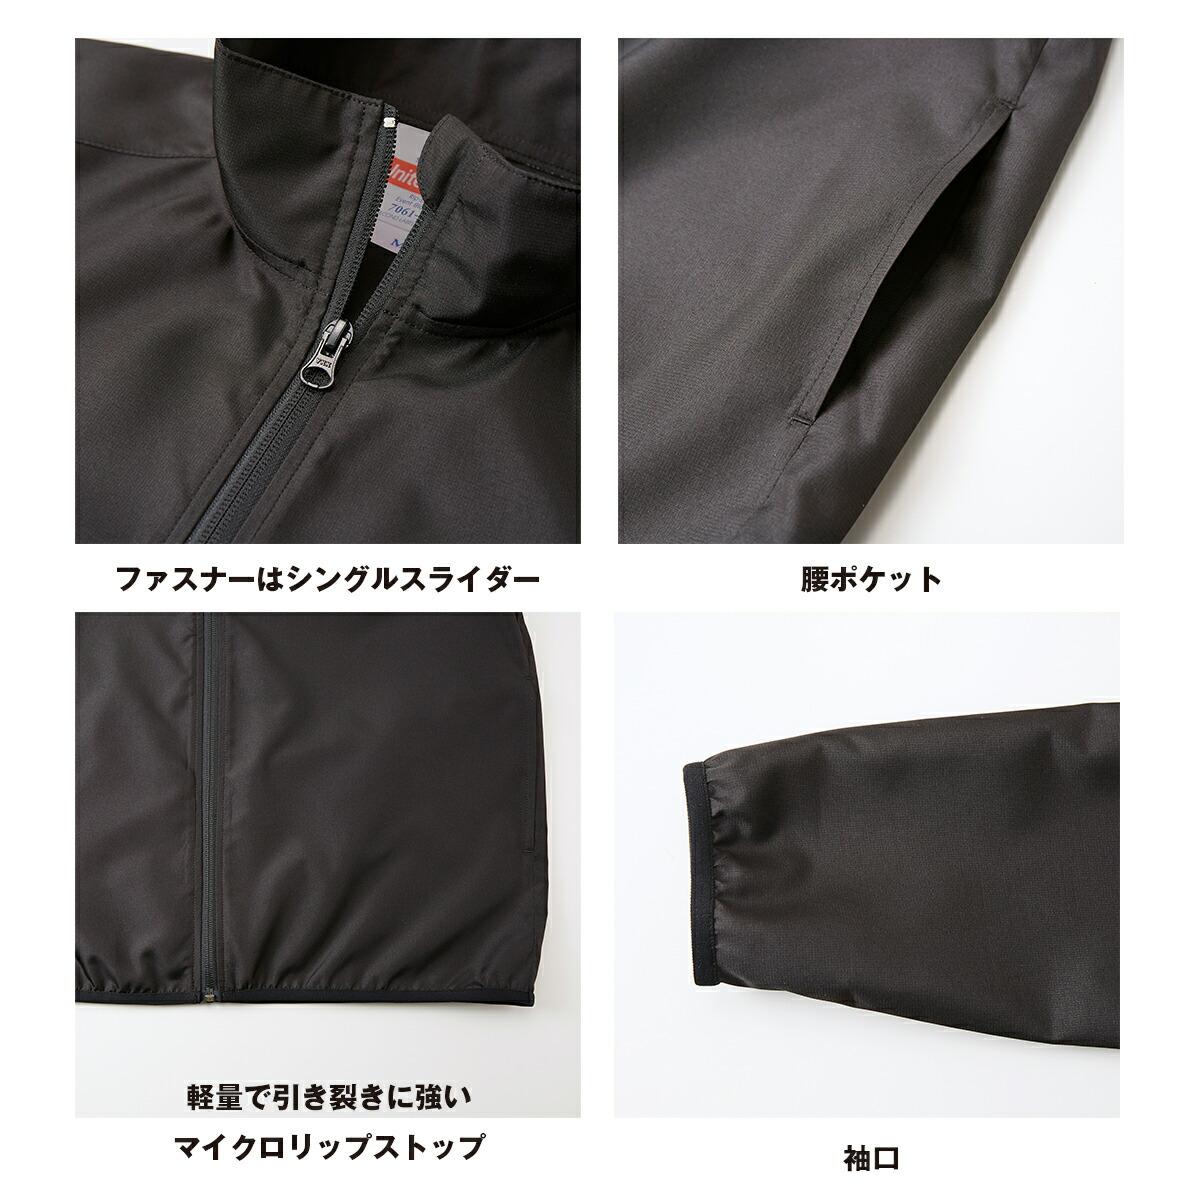 マイクロリップストップ スタッフ ジャケット(一重)